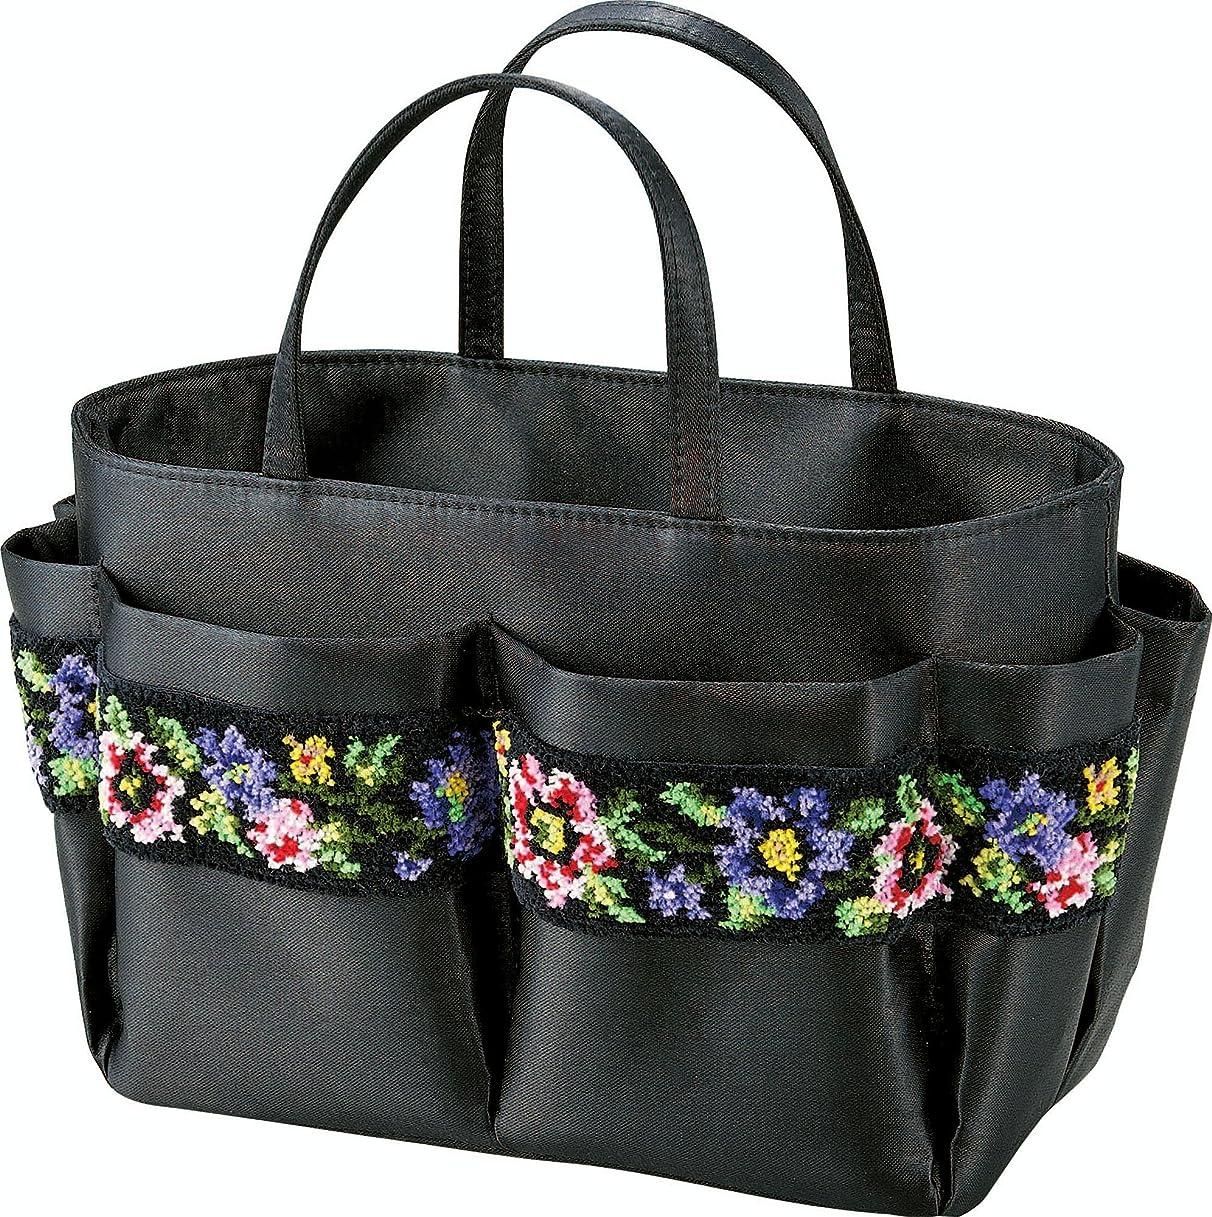 スズメバチ主権者女性コジット シェニール織 部屋から部屋へ小物バッグ 90570